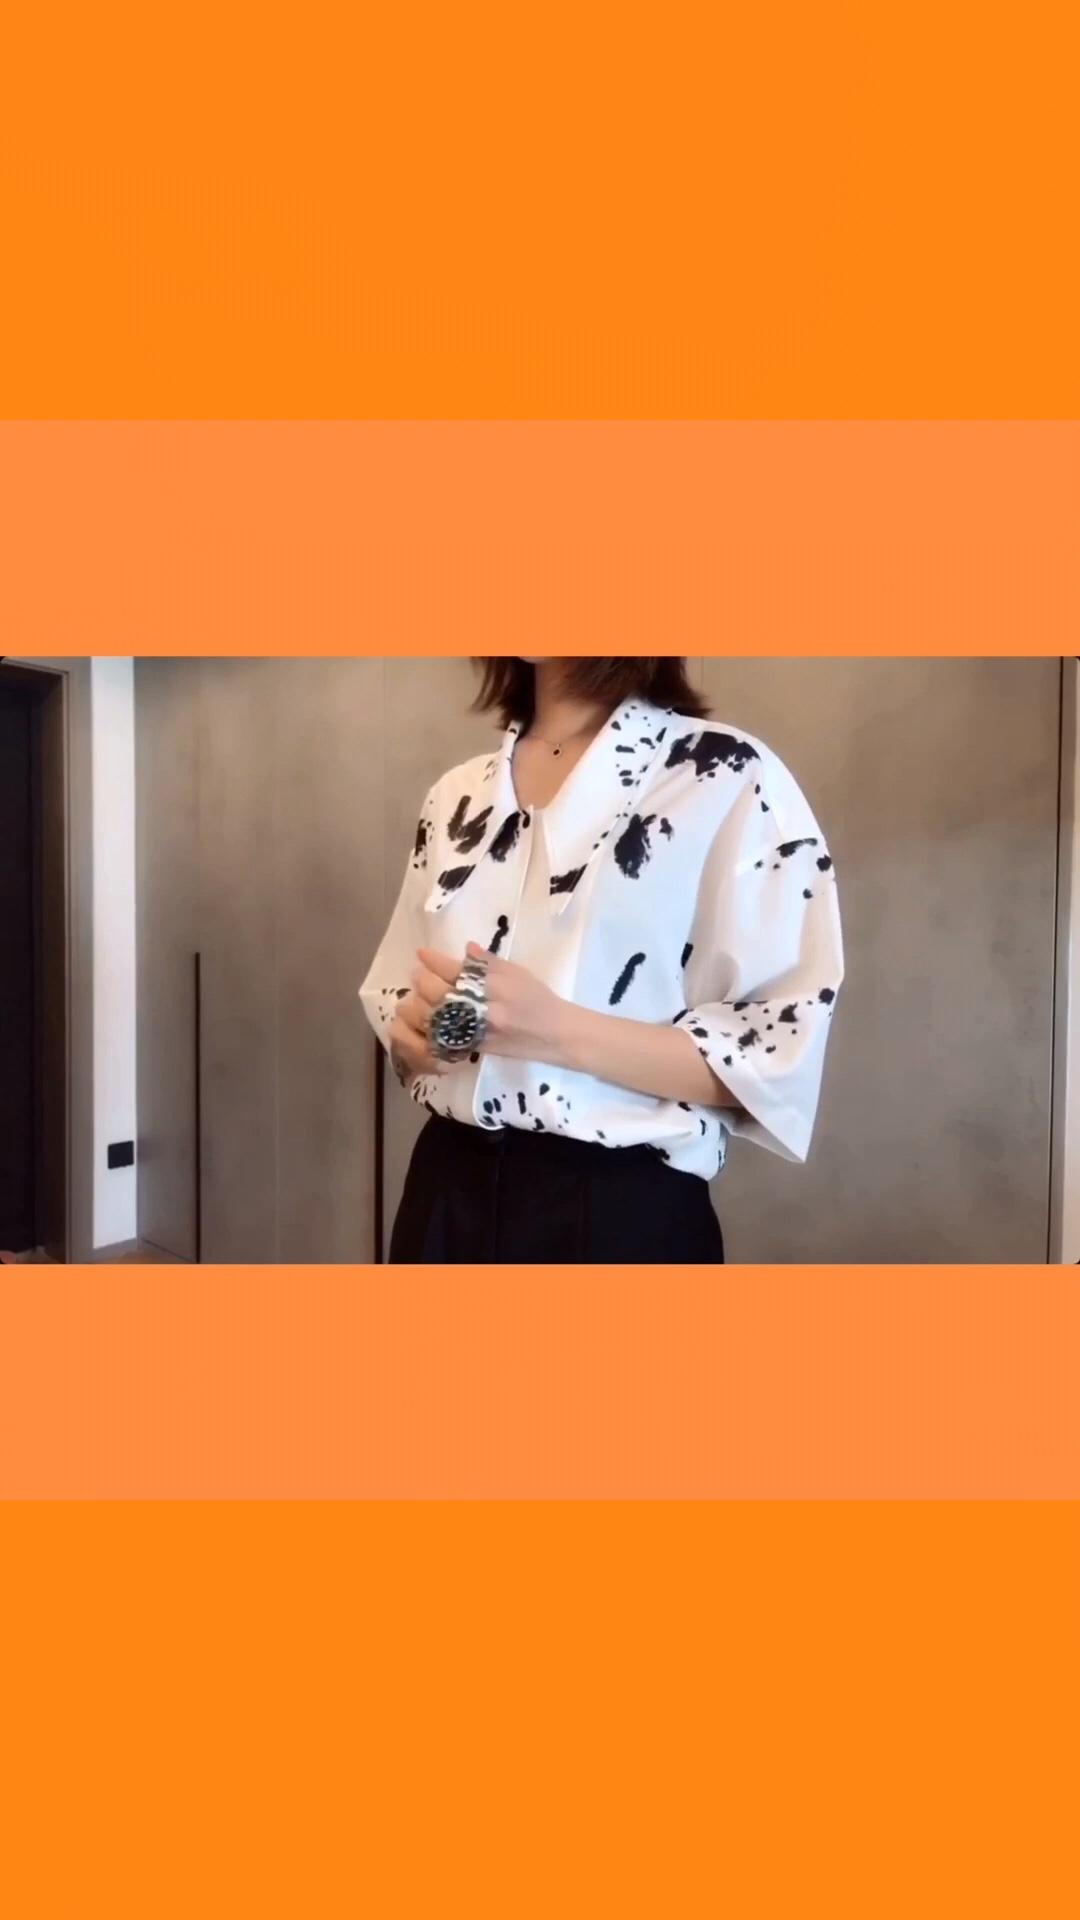 #vlog-当女生一个人在家...# 今天做一只富有的奶牛🐄头 穿上特别印花的奶牛衬衫,感觉整片农场都被自己承包了哈哈哈哈 还是一如既往我最爱的也是今年最流行的剪刀领 这个领型真的是特别又时髦了 不想当裙子穿就搭配一条五分裤,显瘦又时尚 我真的是爱了爱了